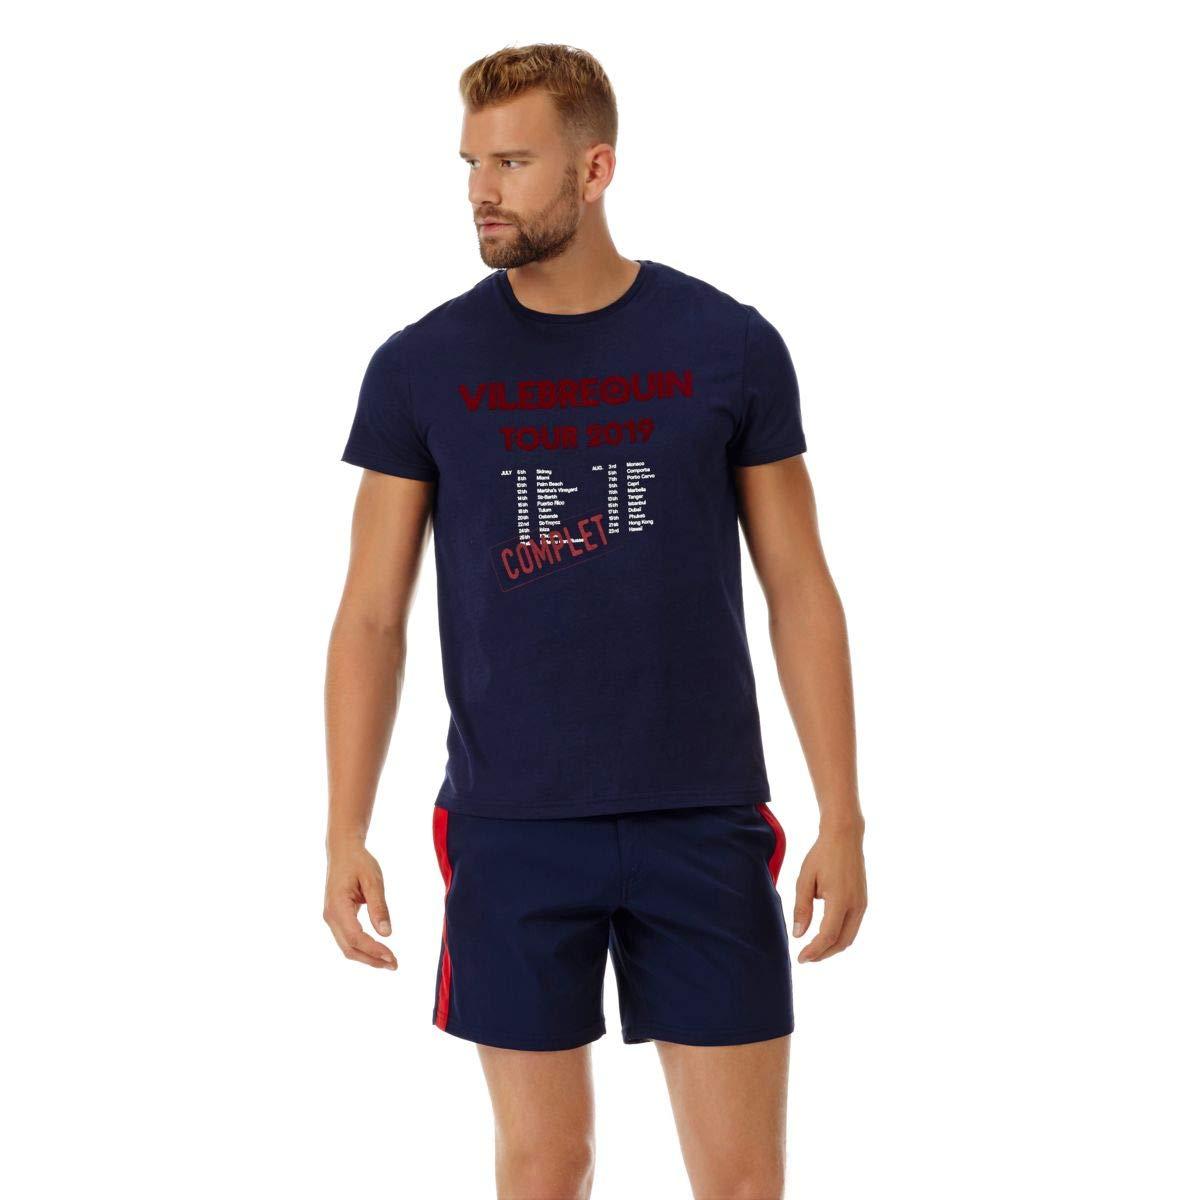 bleu Marine XS Vilebrequin - T-Shirt en Coton Homme Tour